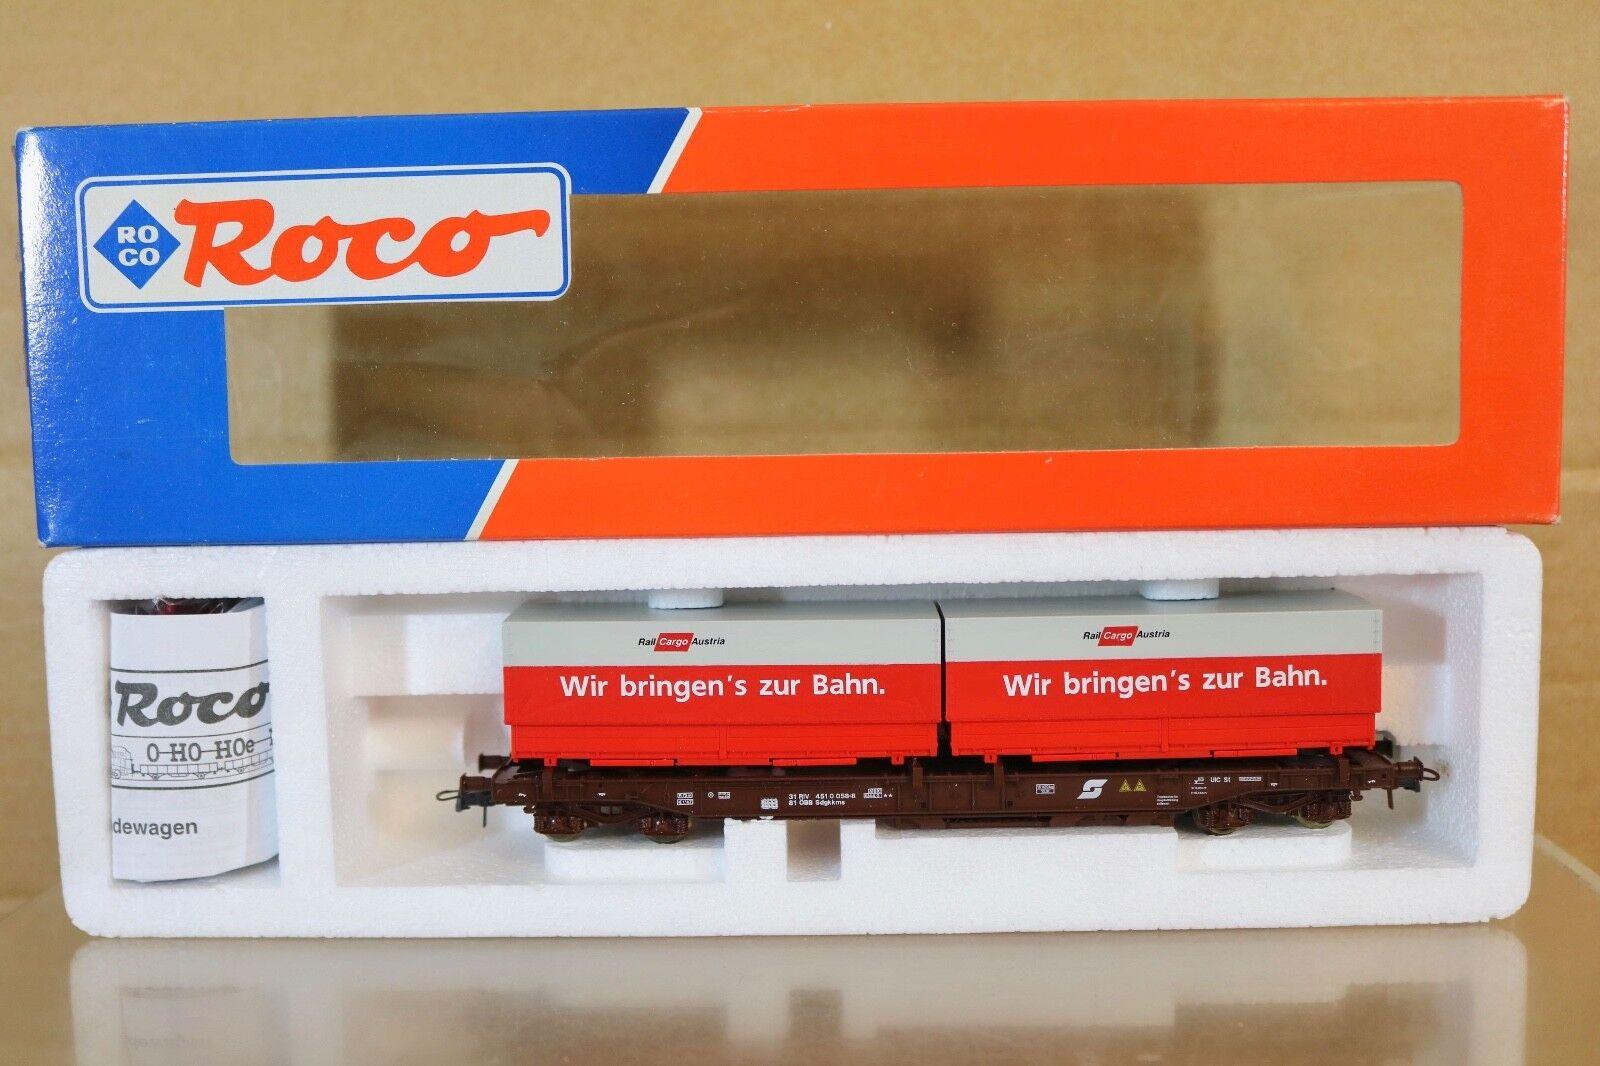 Roco 47028 Obb ÖBB Rail Cargo Autriche Unit Poche Conteneur Wagon 058-8 Nq